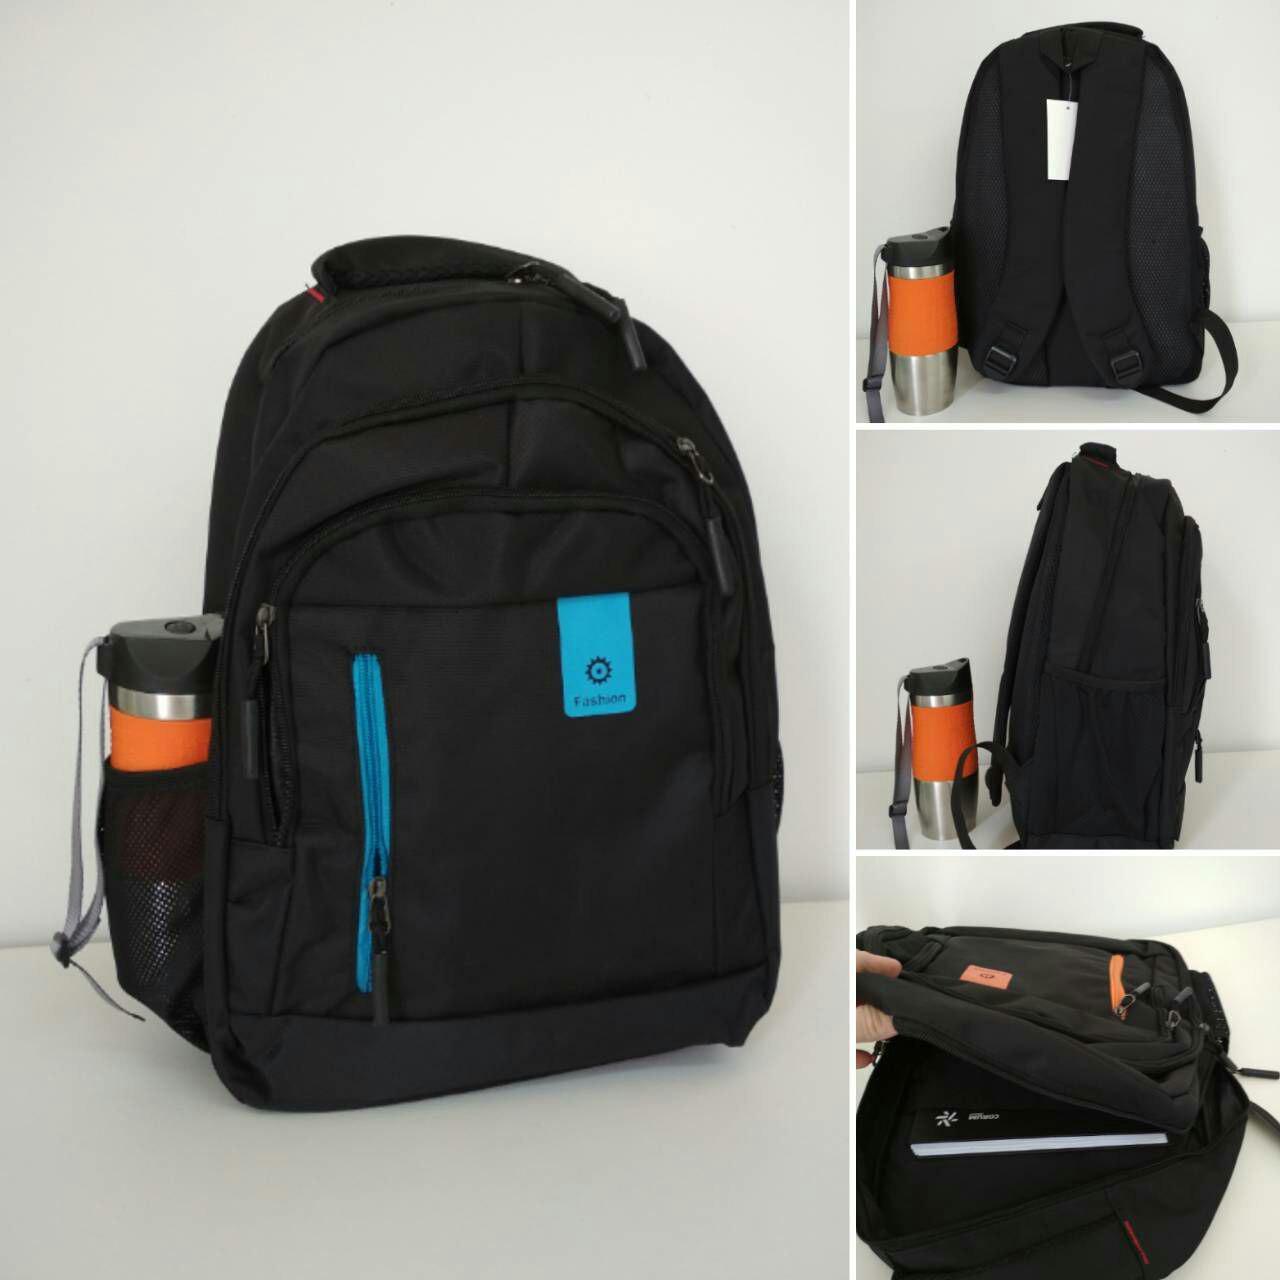 Подростковый школьный рюкзак с широкими лямками и голубой молнией 45*31*15 см